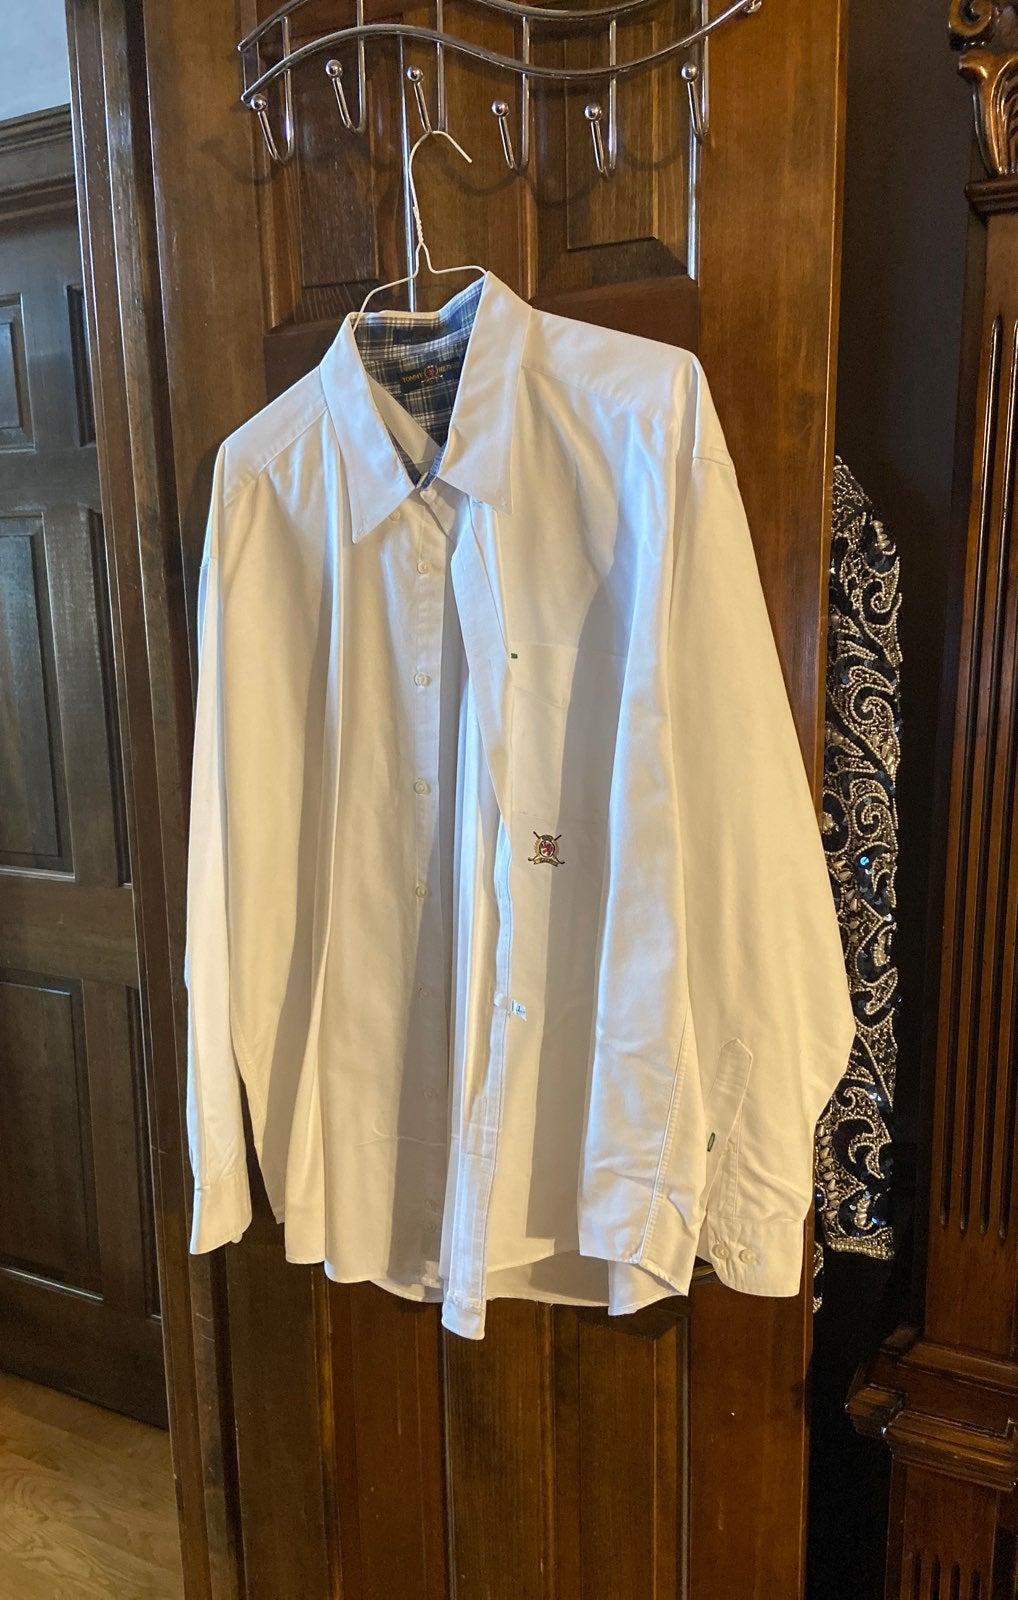 Tommy Hilfiger Golf Dress Shirt